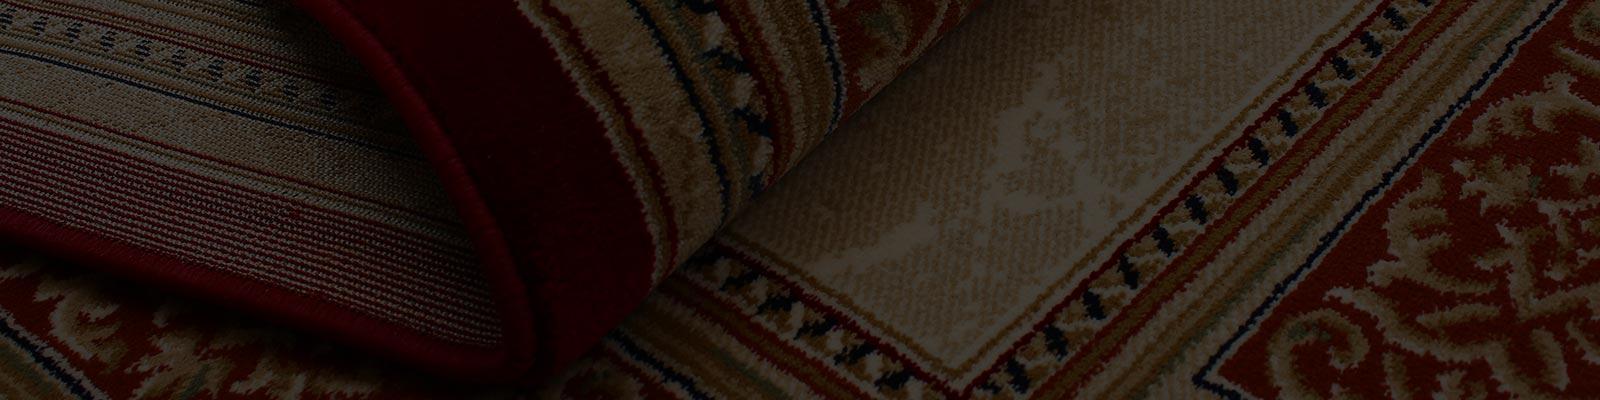 Apretura dywanowa - usztywnianie